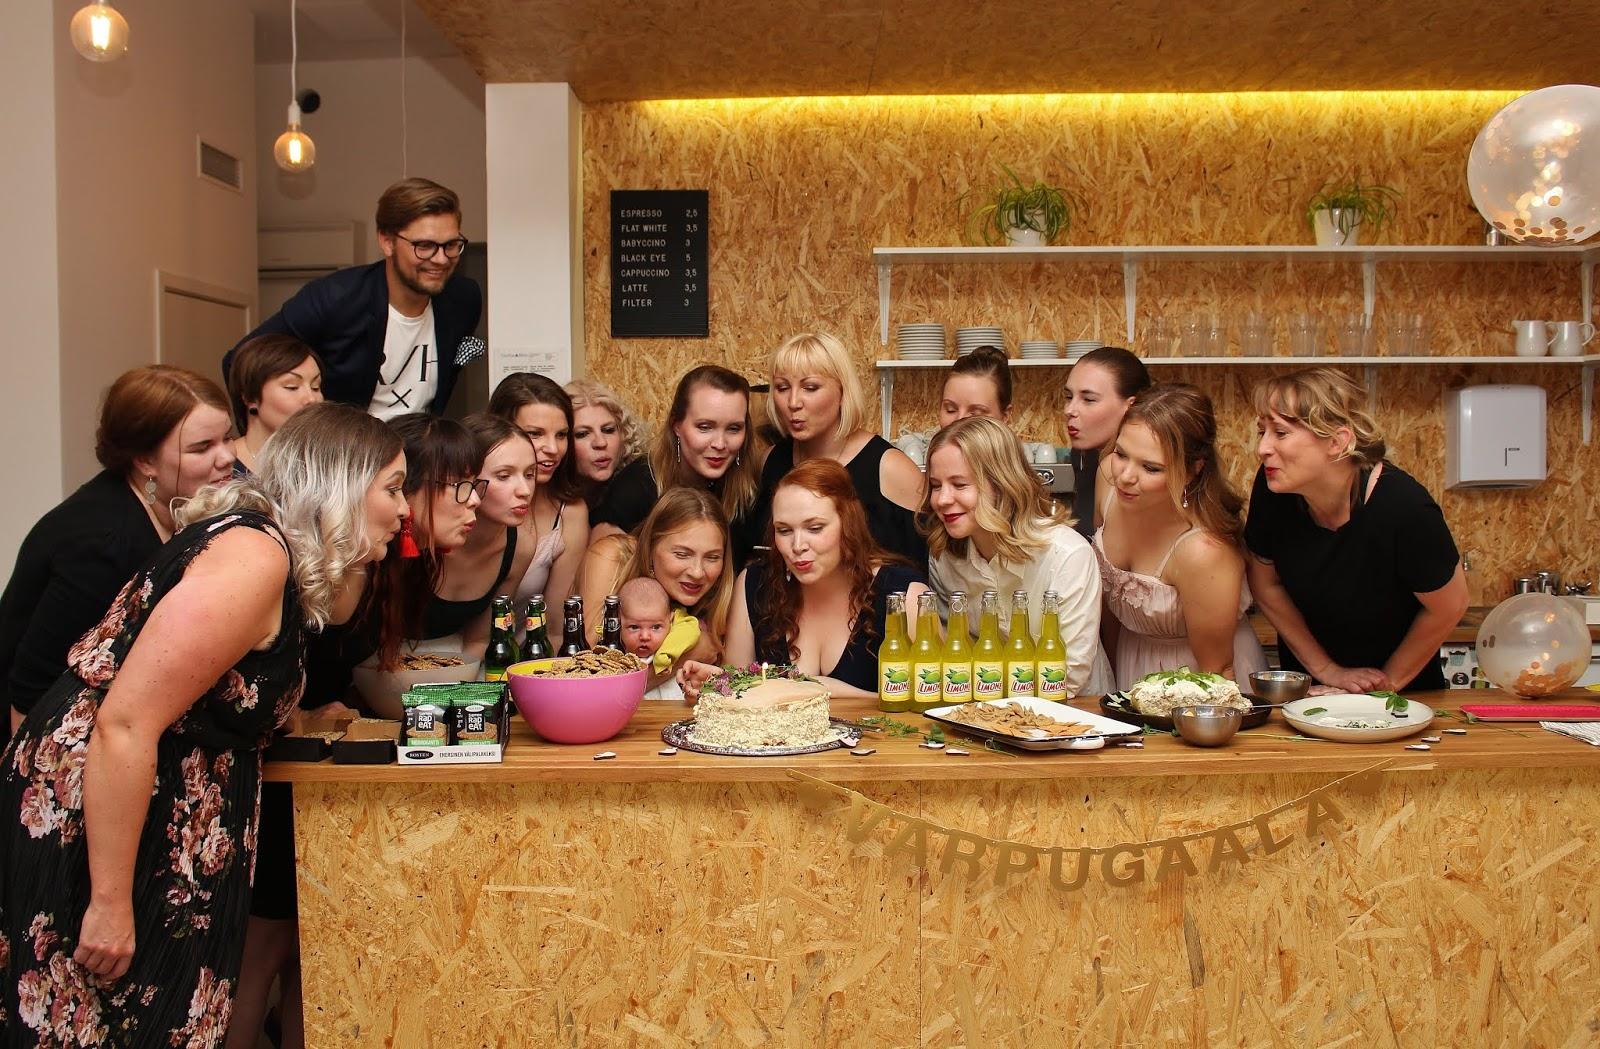 Juhlahumua! Varpujengi juhlii Varpublogin 1-vuotissynttäriä Varpugaalassa.